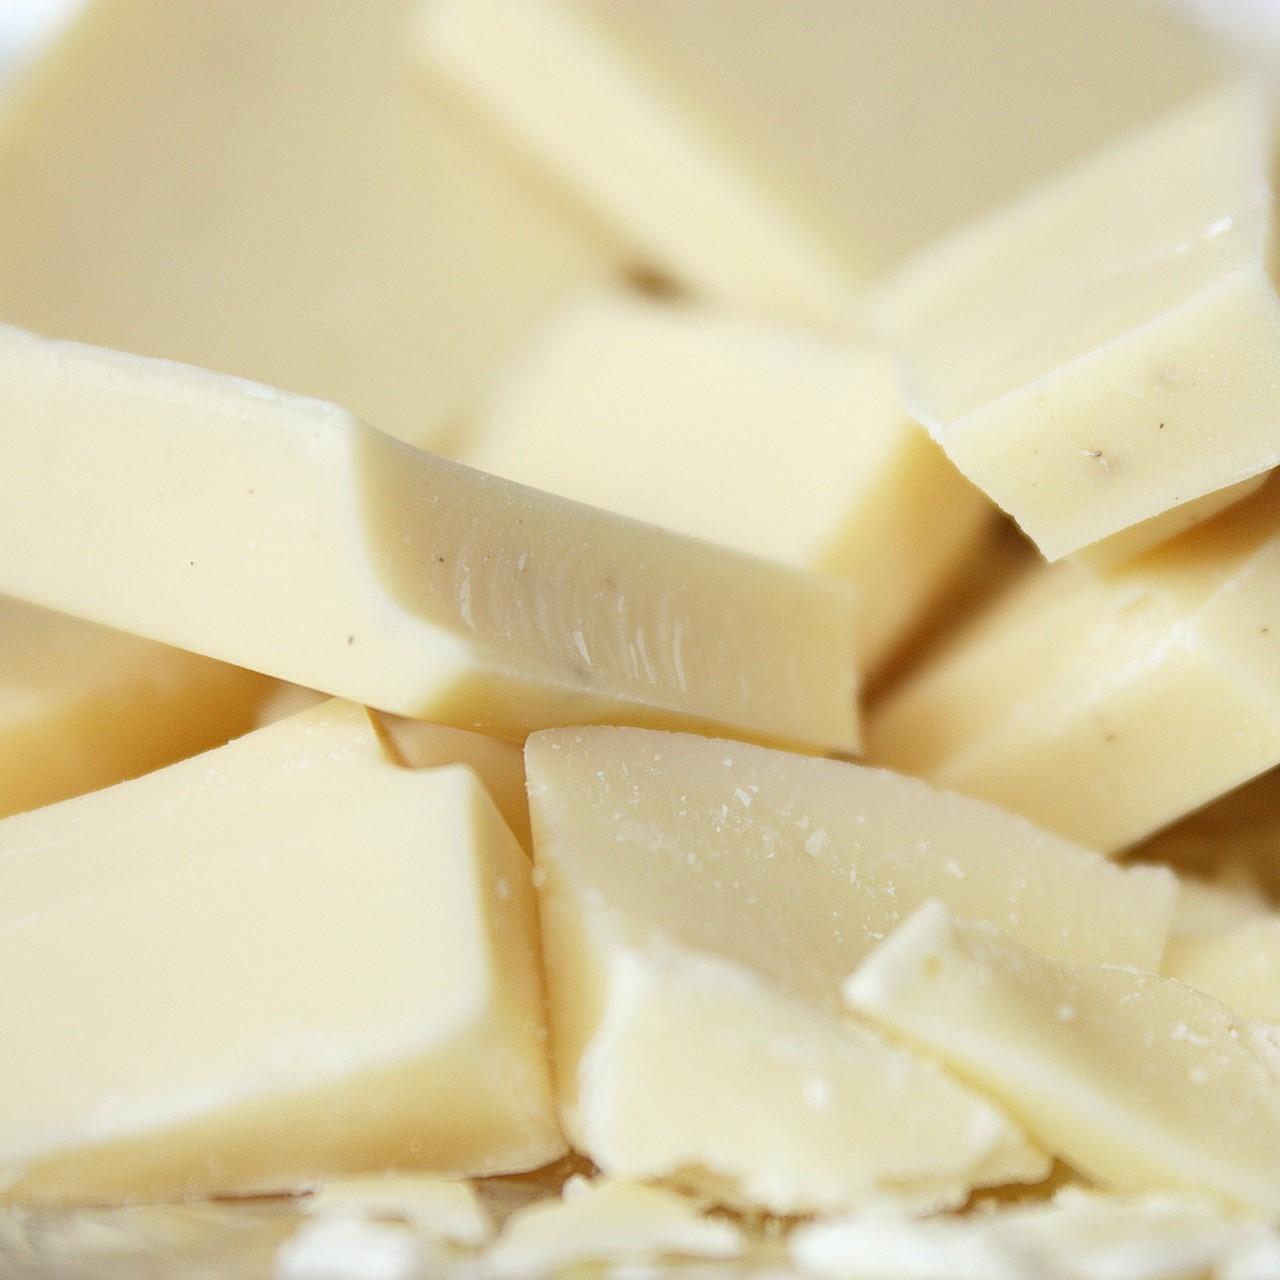 White chocolate chunks